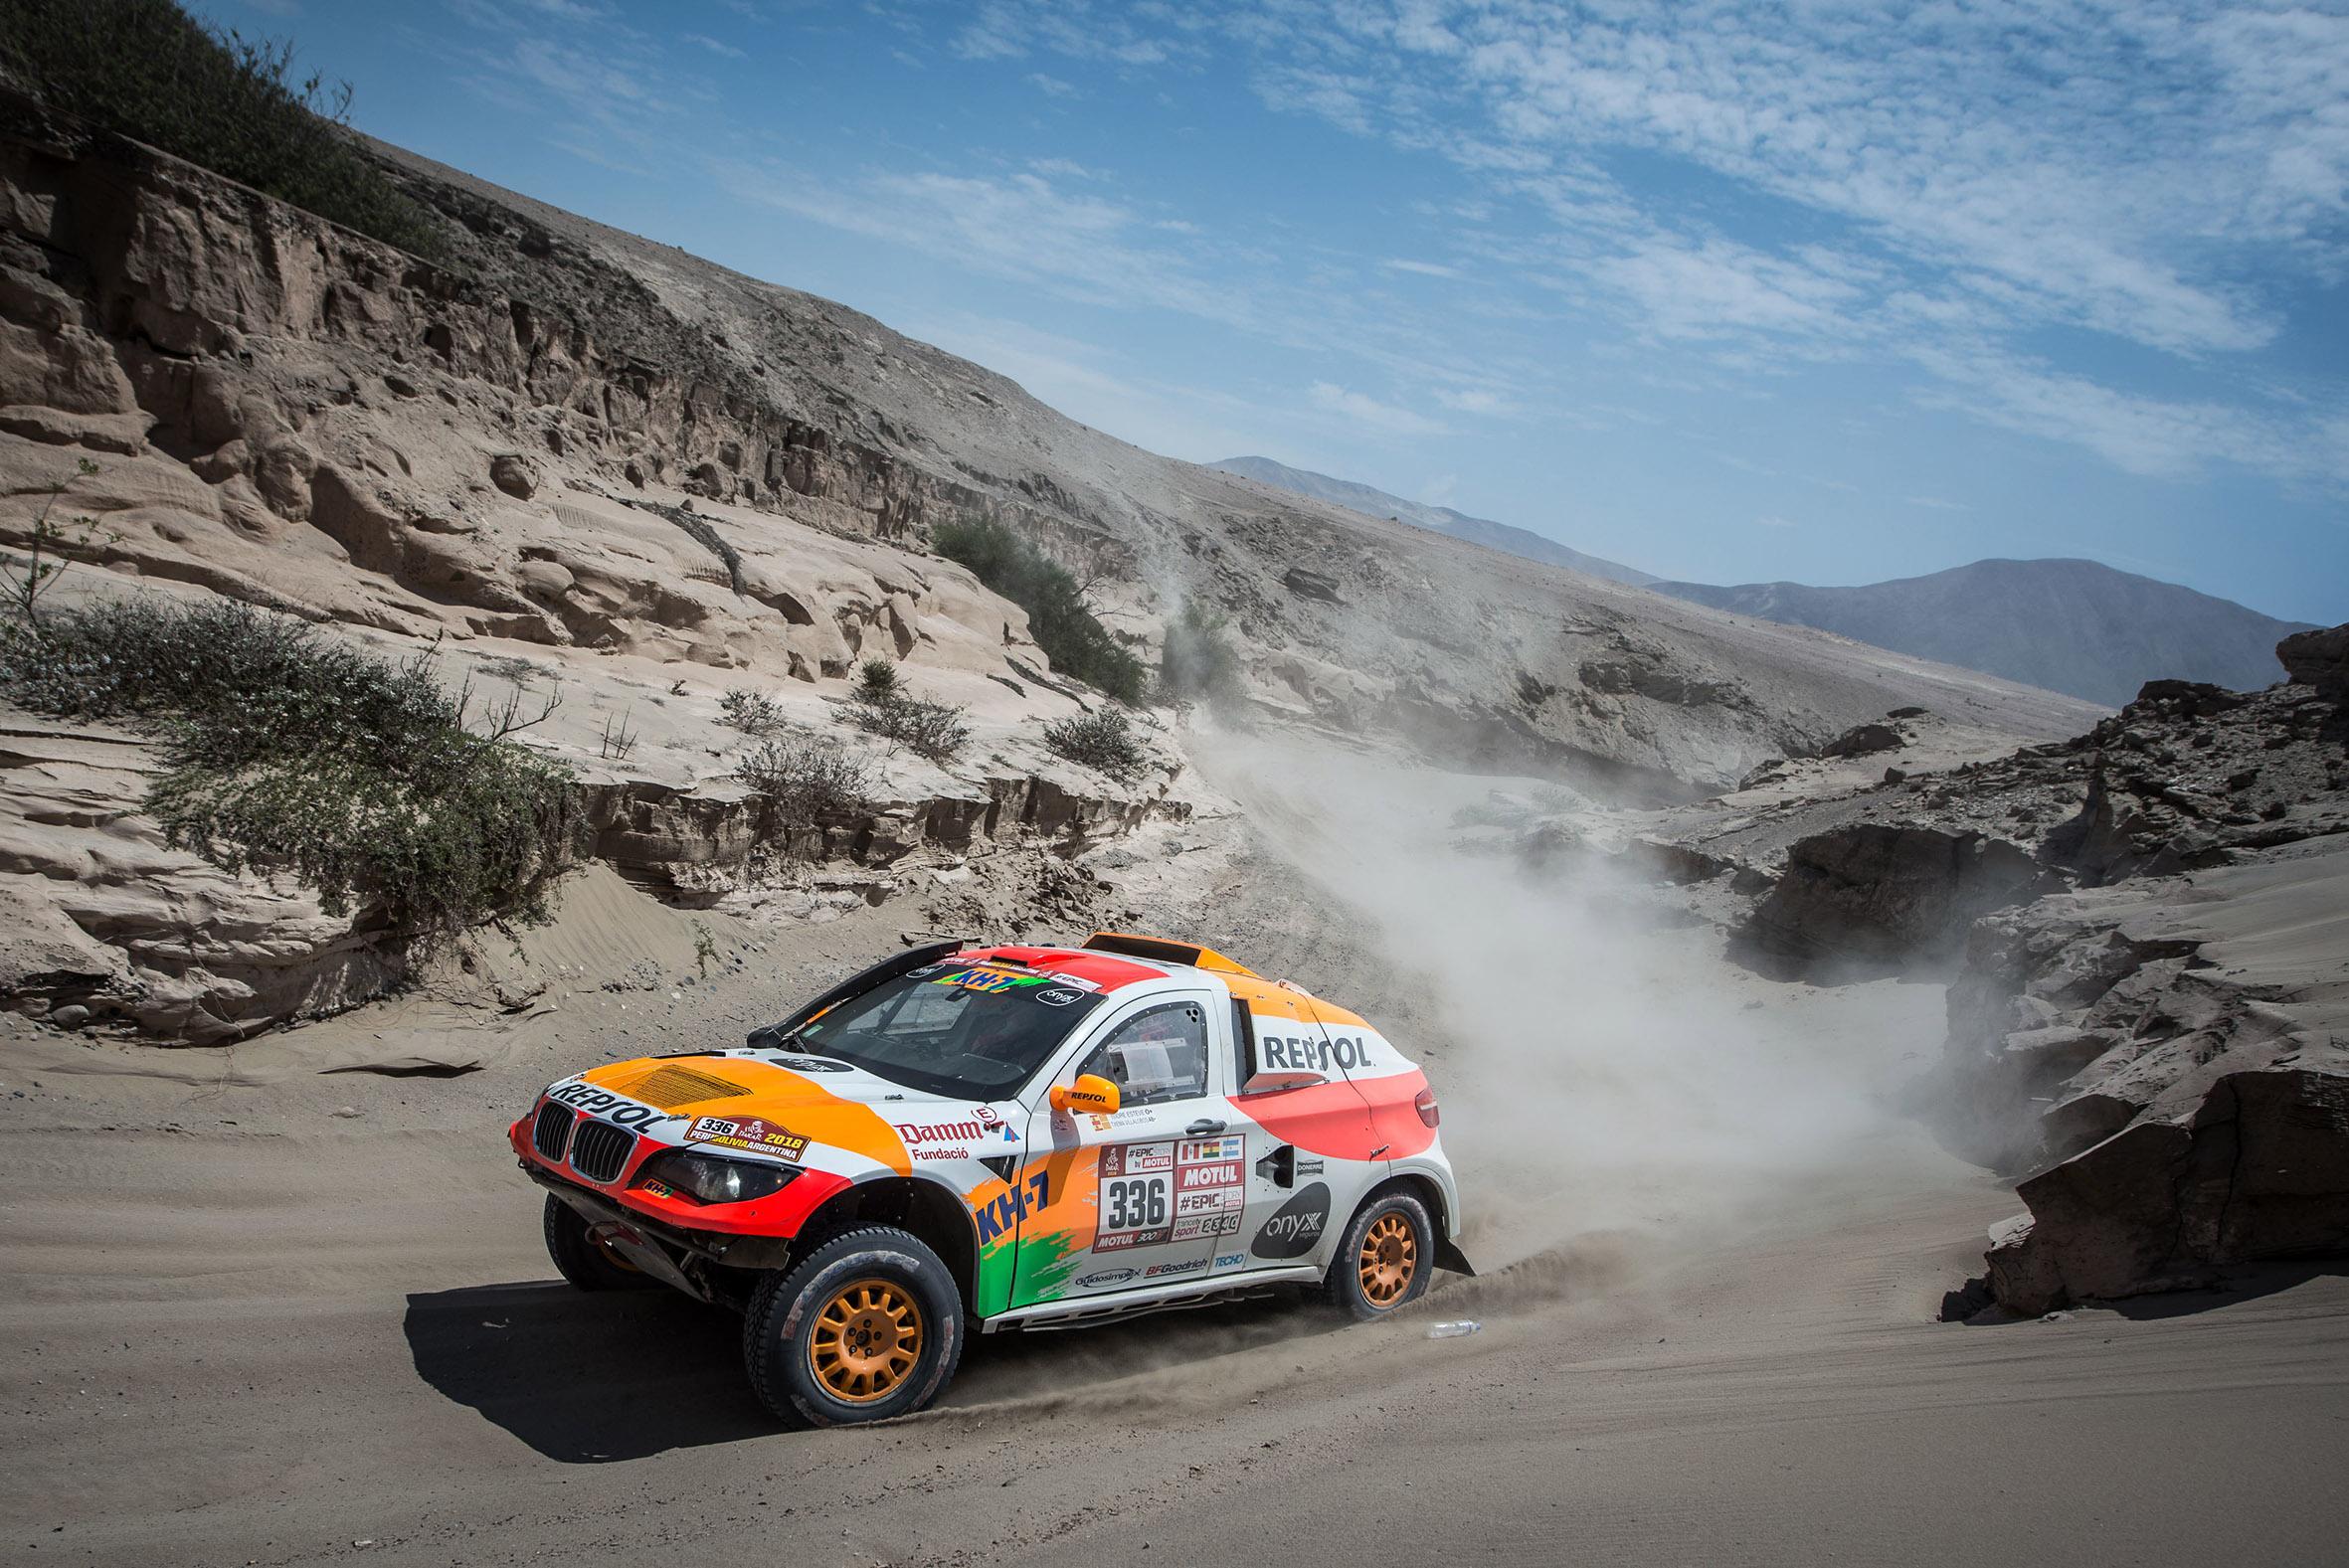 Coche Repsol de Rally Dakar surcando terreno árido